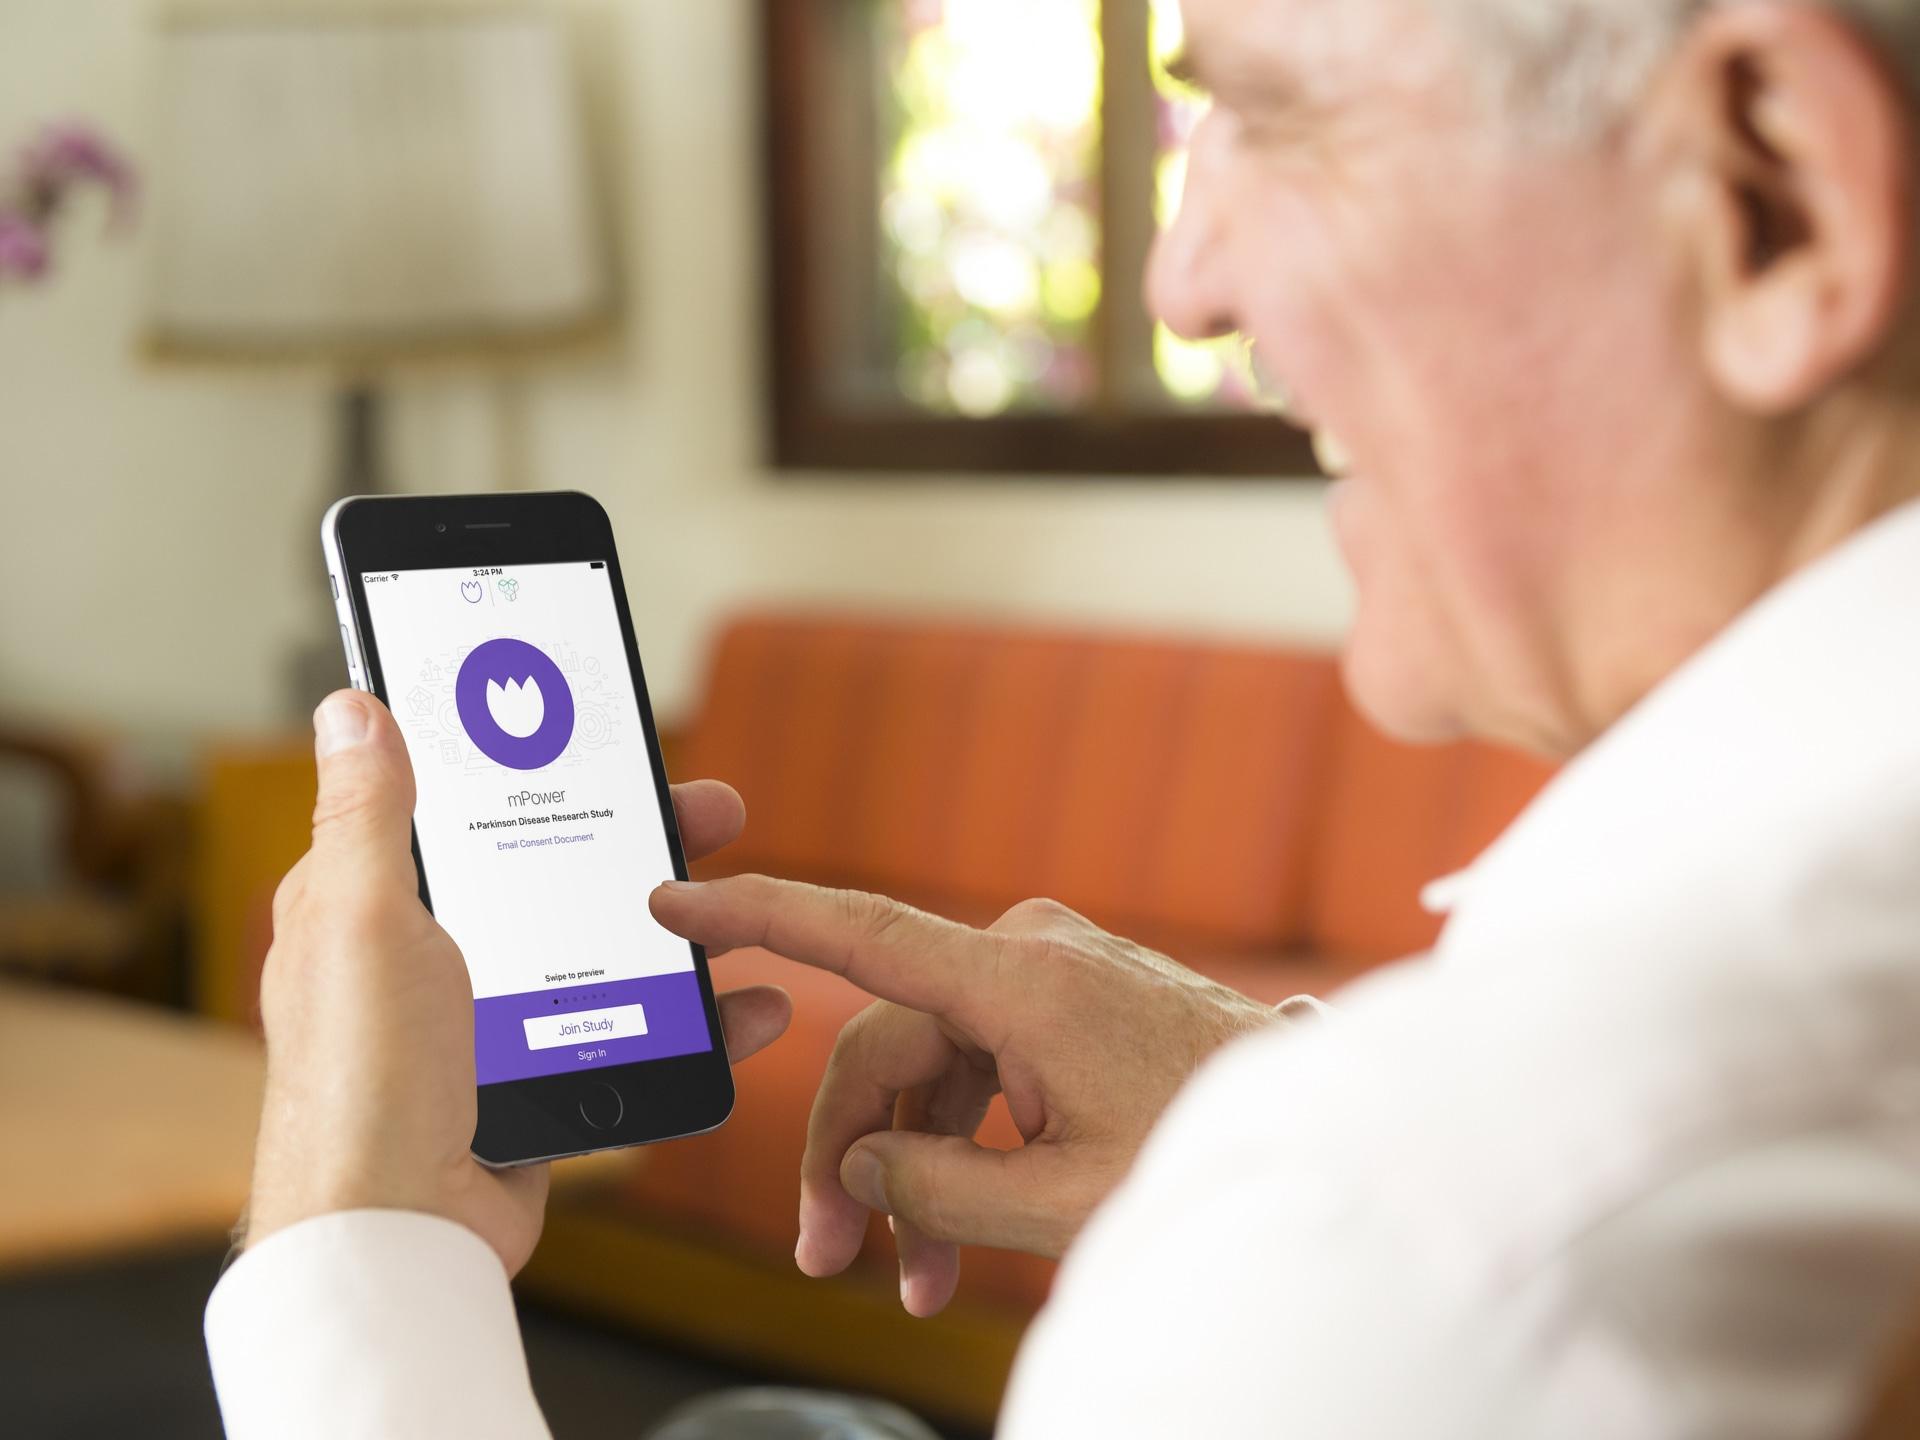 App mPower do Mal de Parkinson sendo usado por idoso num iPhone